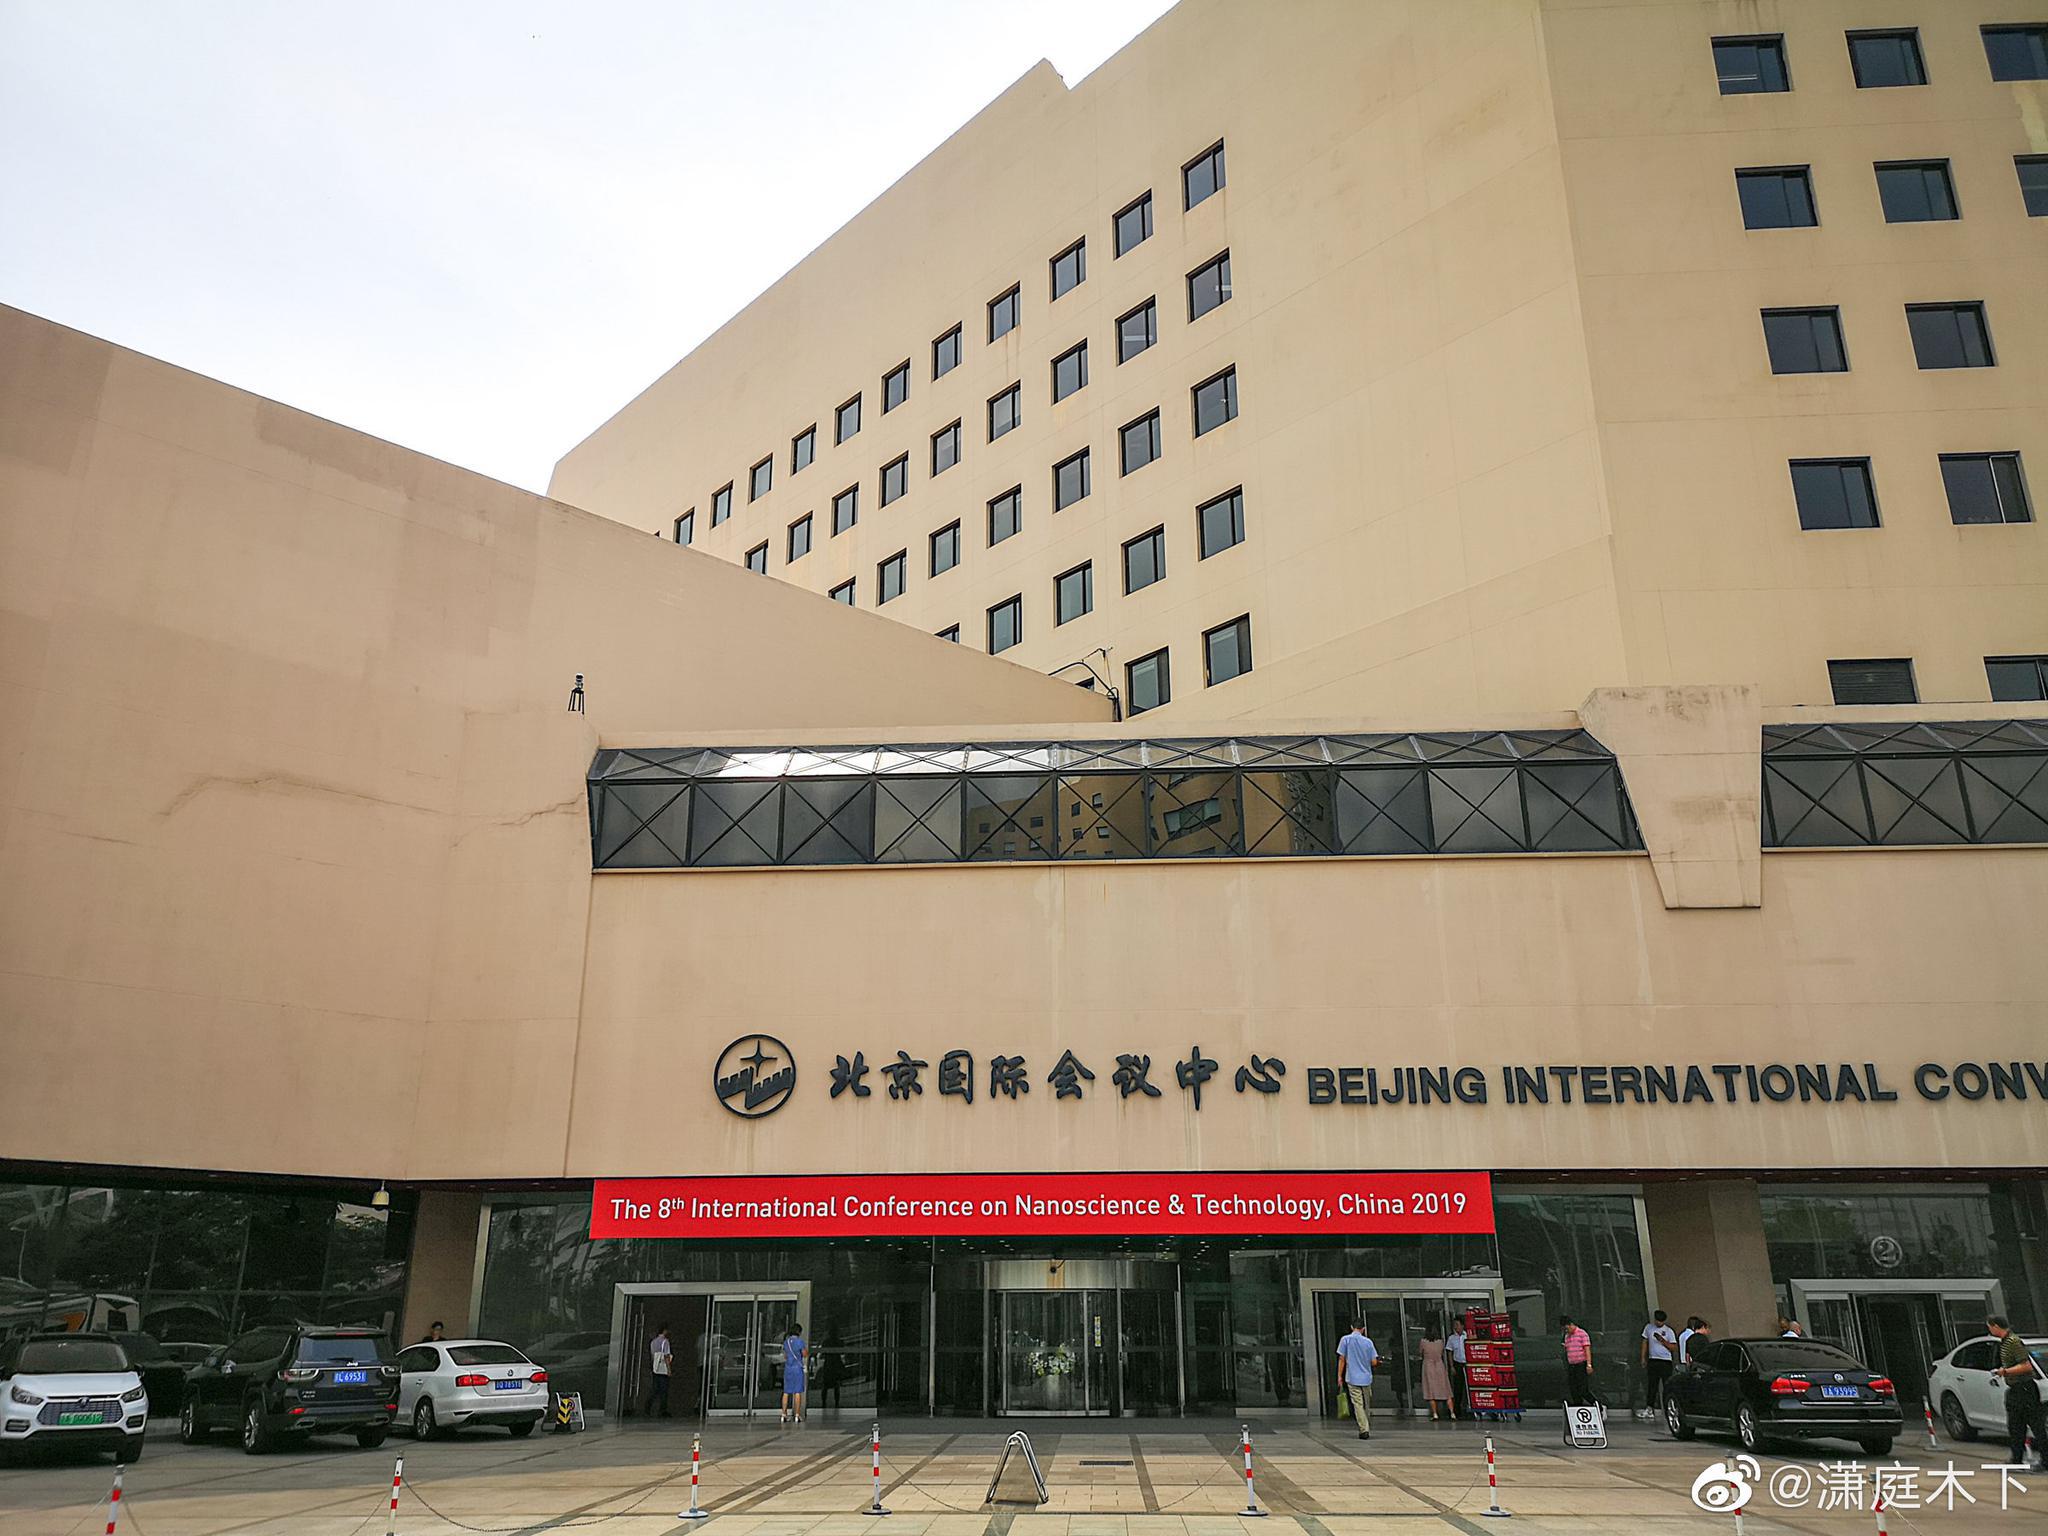 北京国际会议中心,五洲大酒店和鸟巢片区